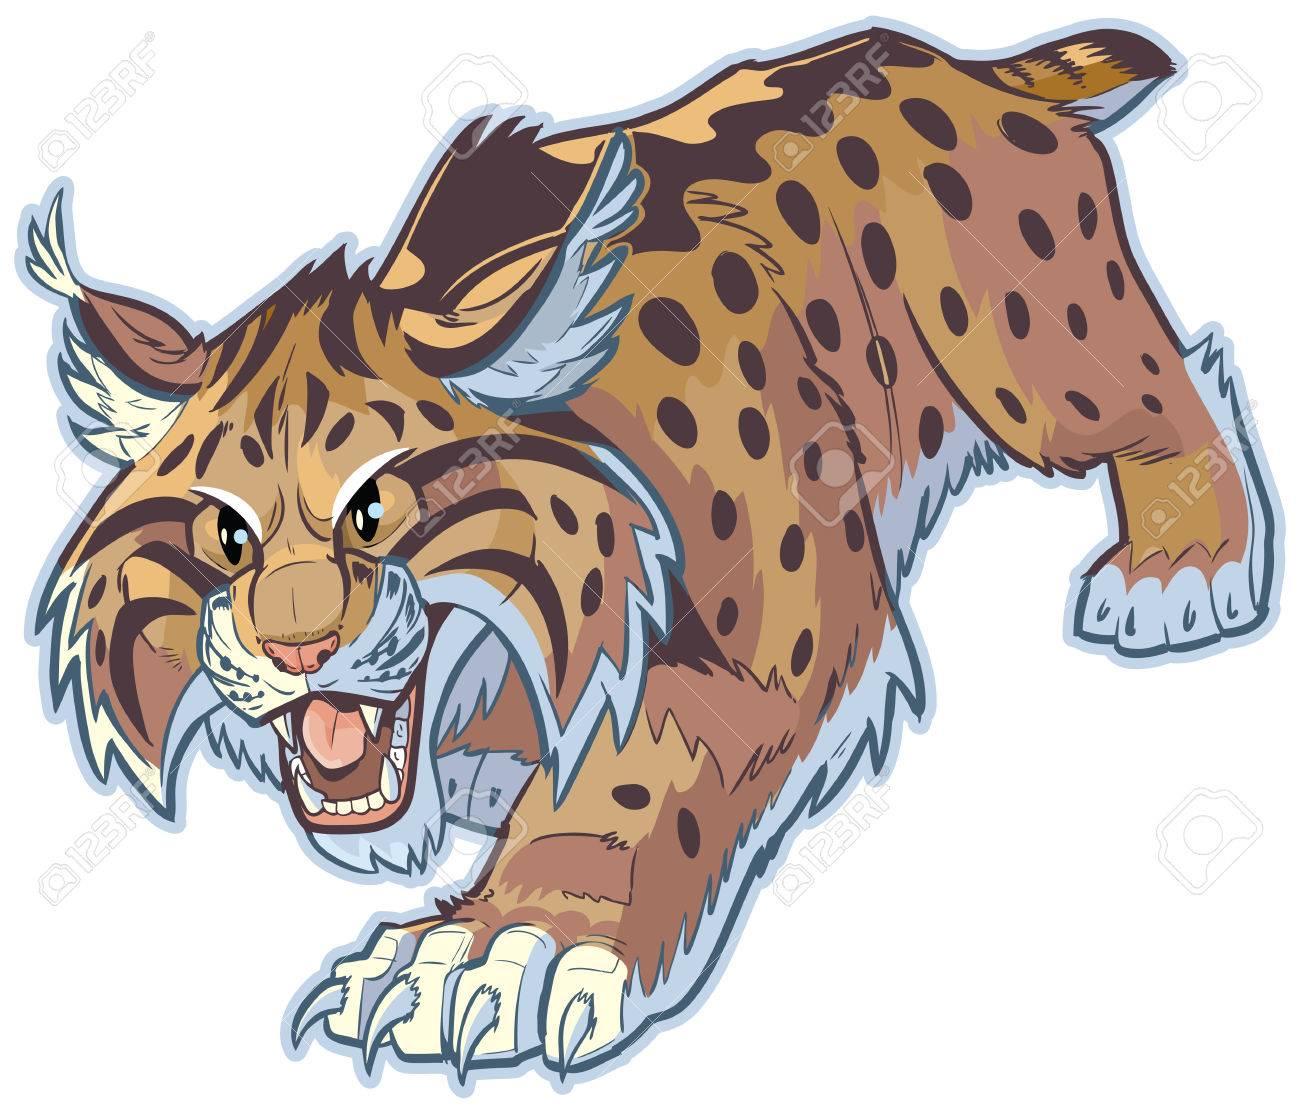 967 bobcat stock illustrations cliparts and royalty free bobcat vectors rh 123rf com free bobcat clipart black and white bobcat clipart free download